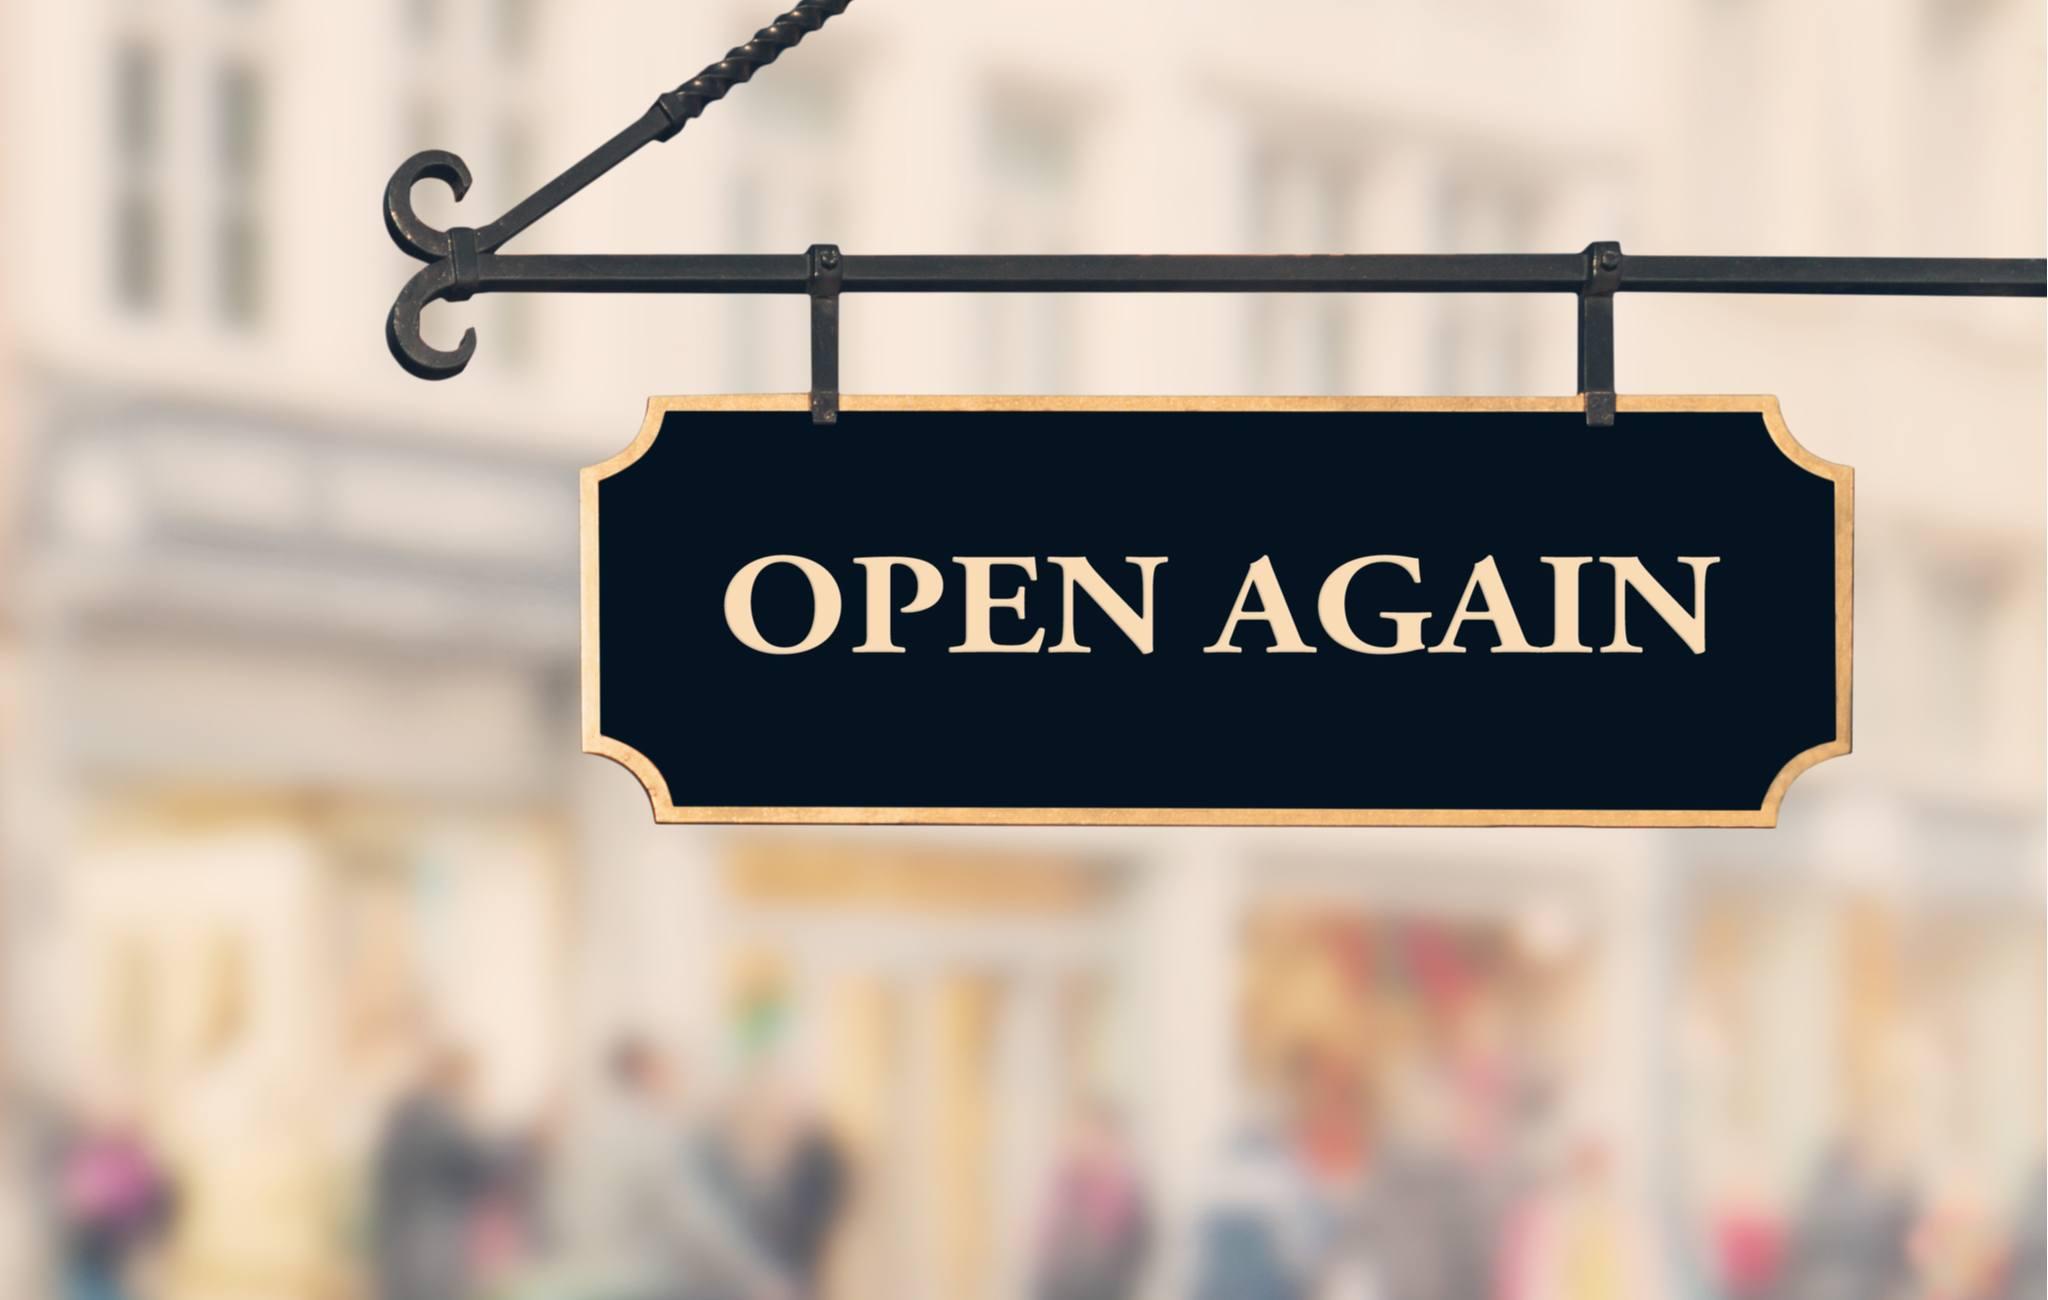 open again